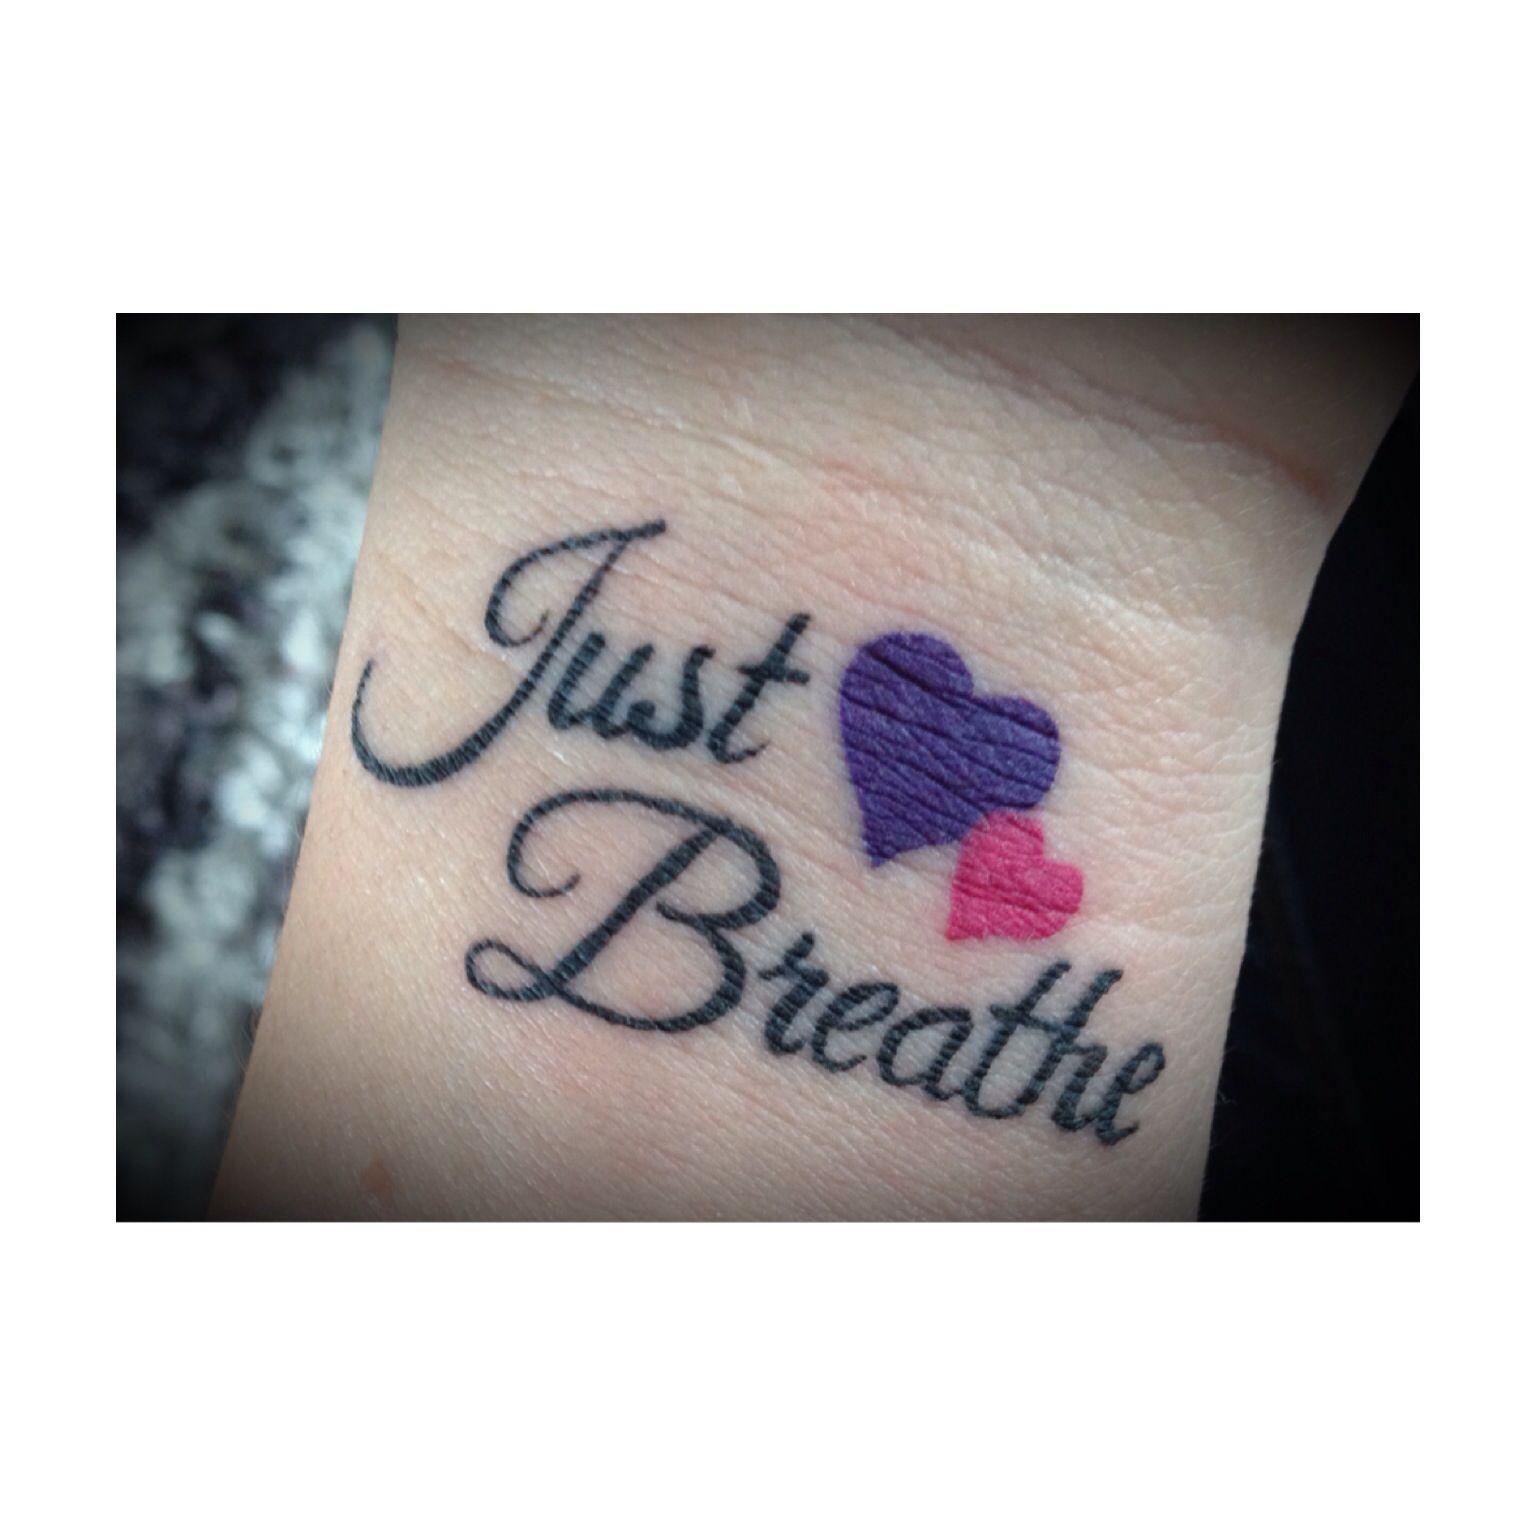 just breathe tattoos